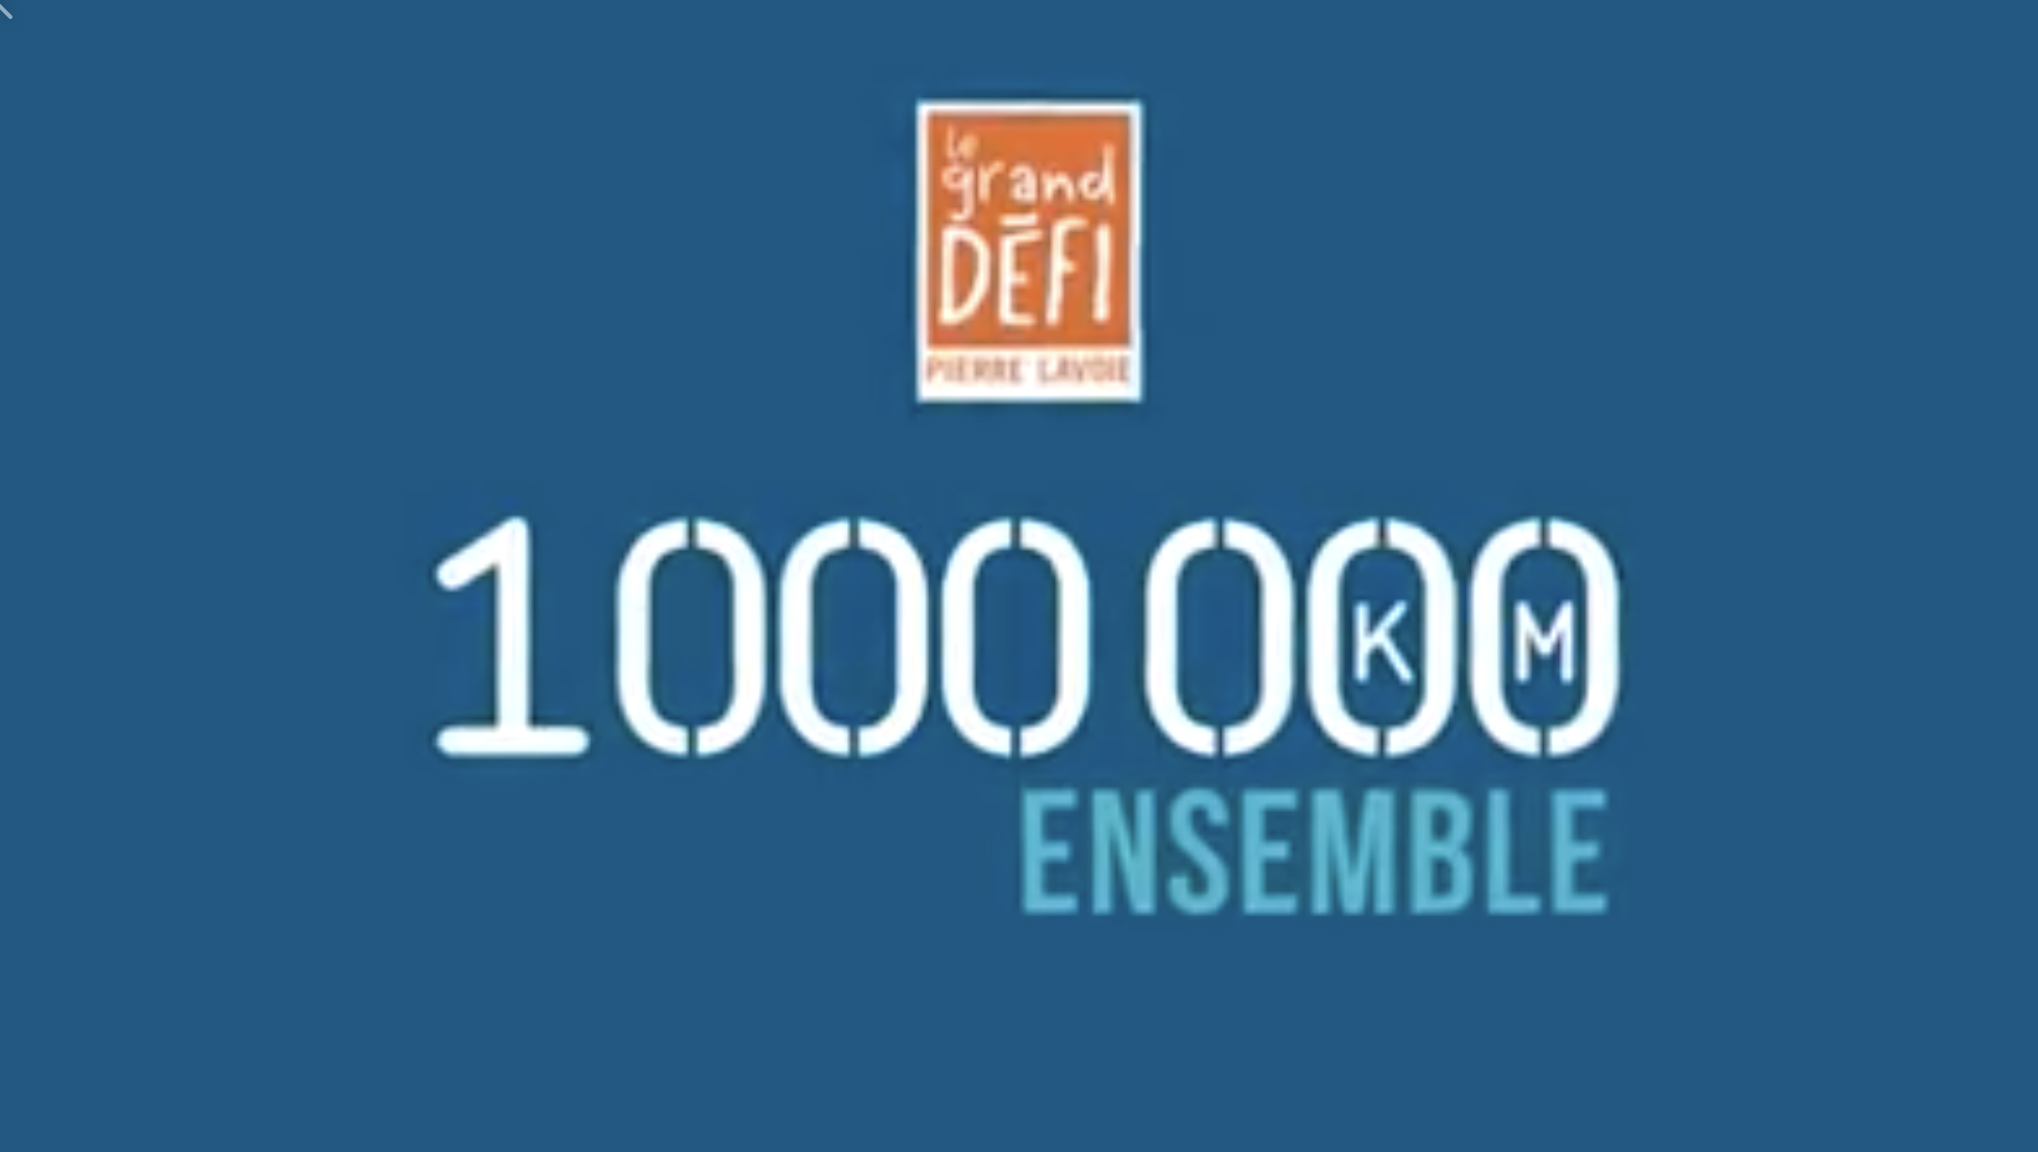 Sainte-Julie invite les citoyens à faire 1 000 000 km ensemble